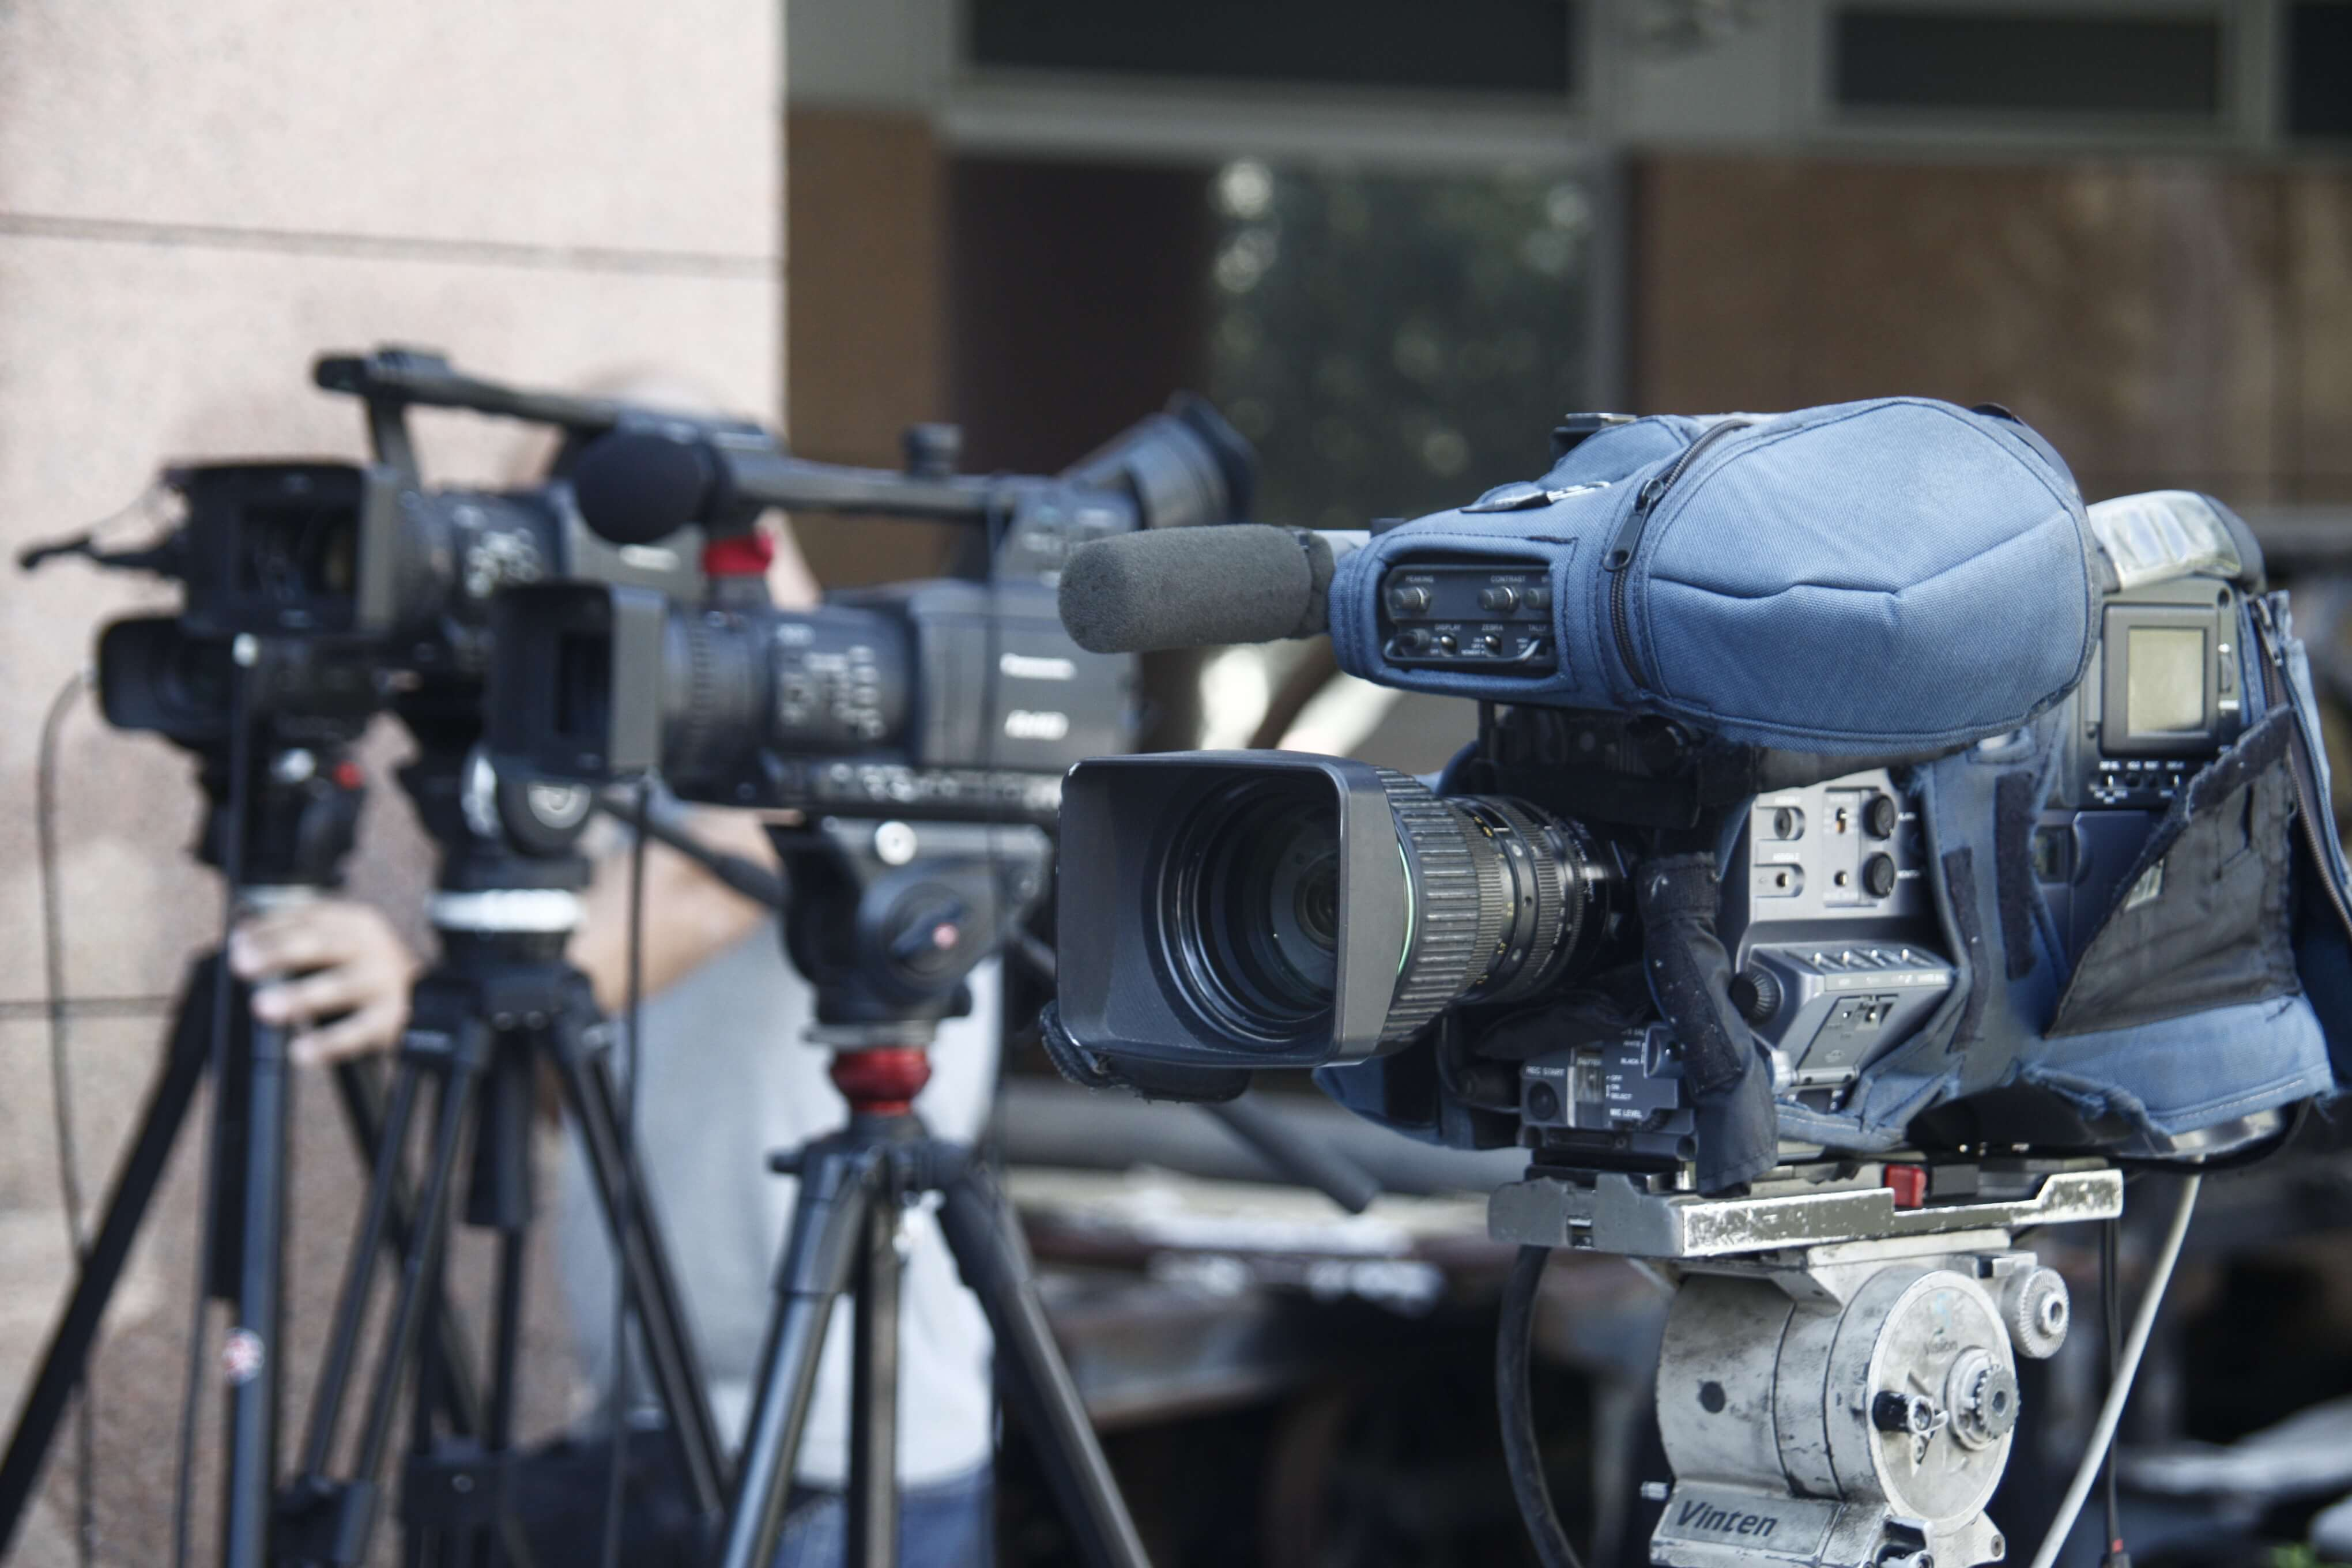 Τηλεοπτικές άδειες: Τροπολογία για την πληρωμή των δόσεων | Newsit.gr